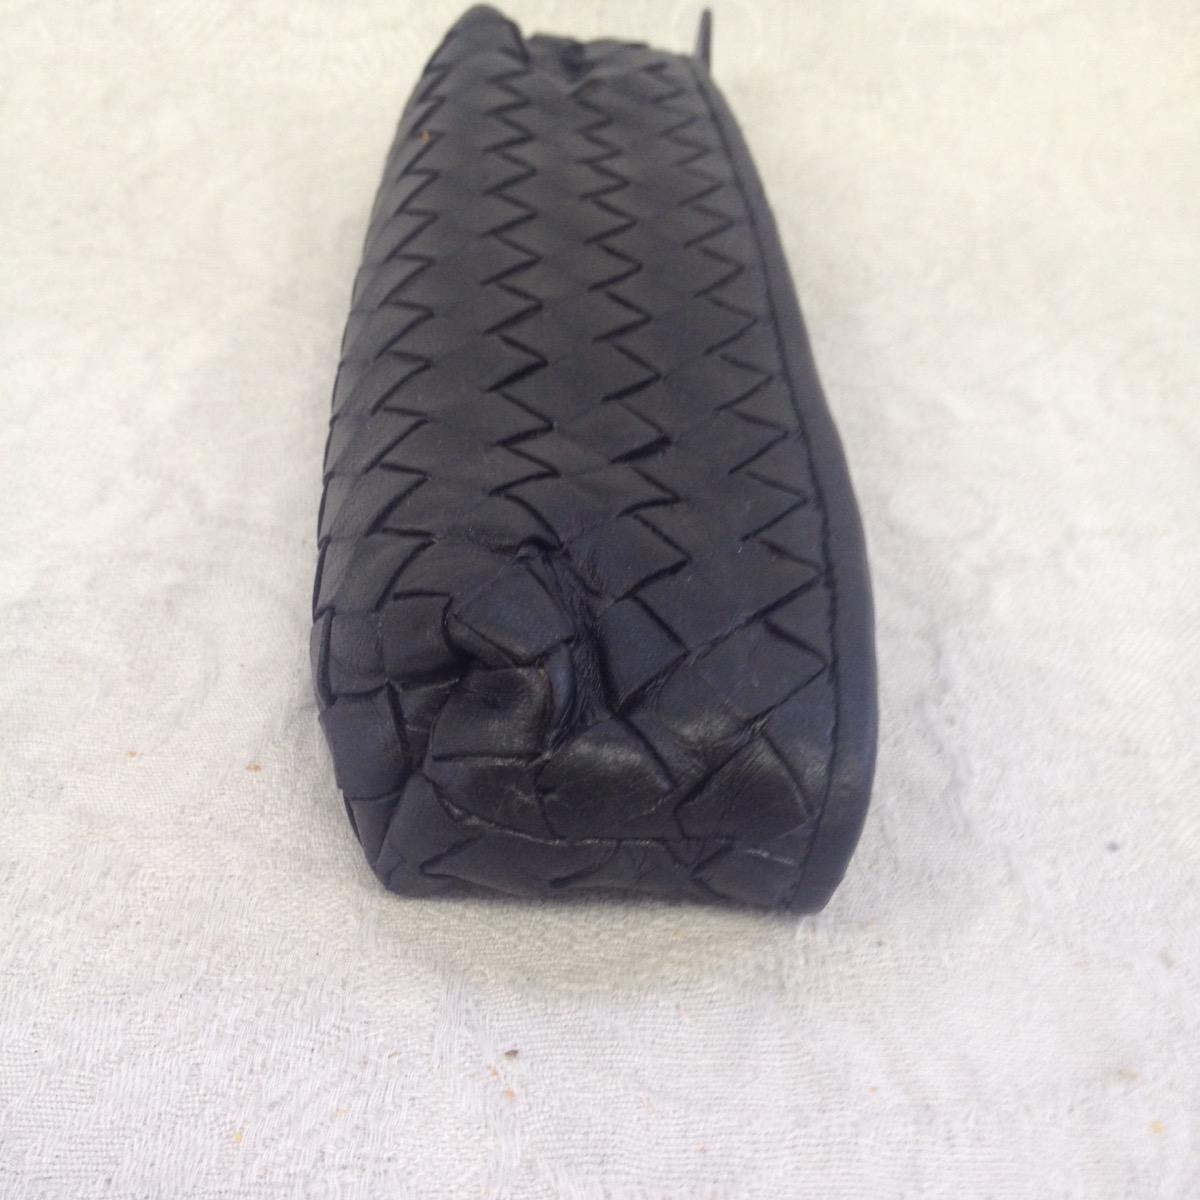 池袋 ペンケース ソファー、鞄、バッグ、修理、張替、黒ずみ汚れ、クリーニング、色移り、すれ傷  ベージュ ボッテガヴェネタ 25